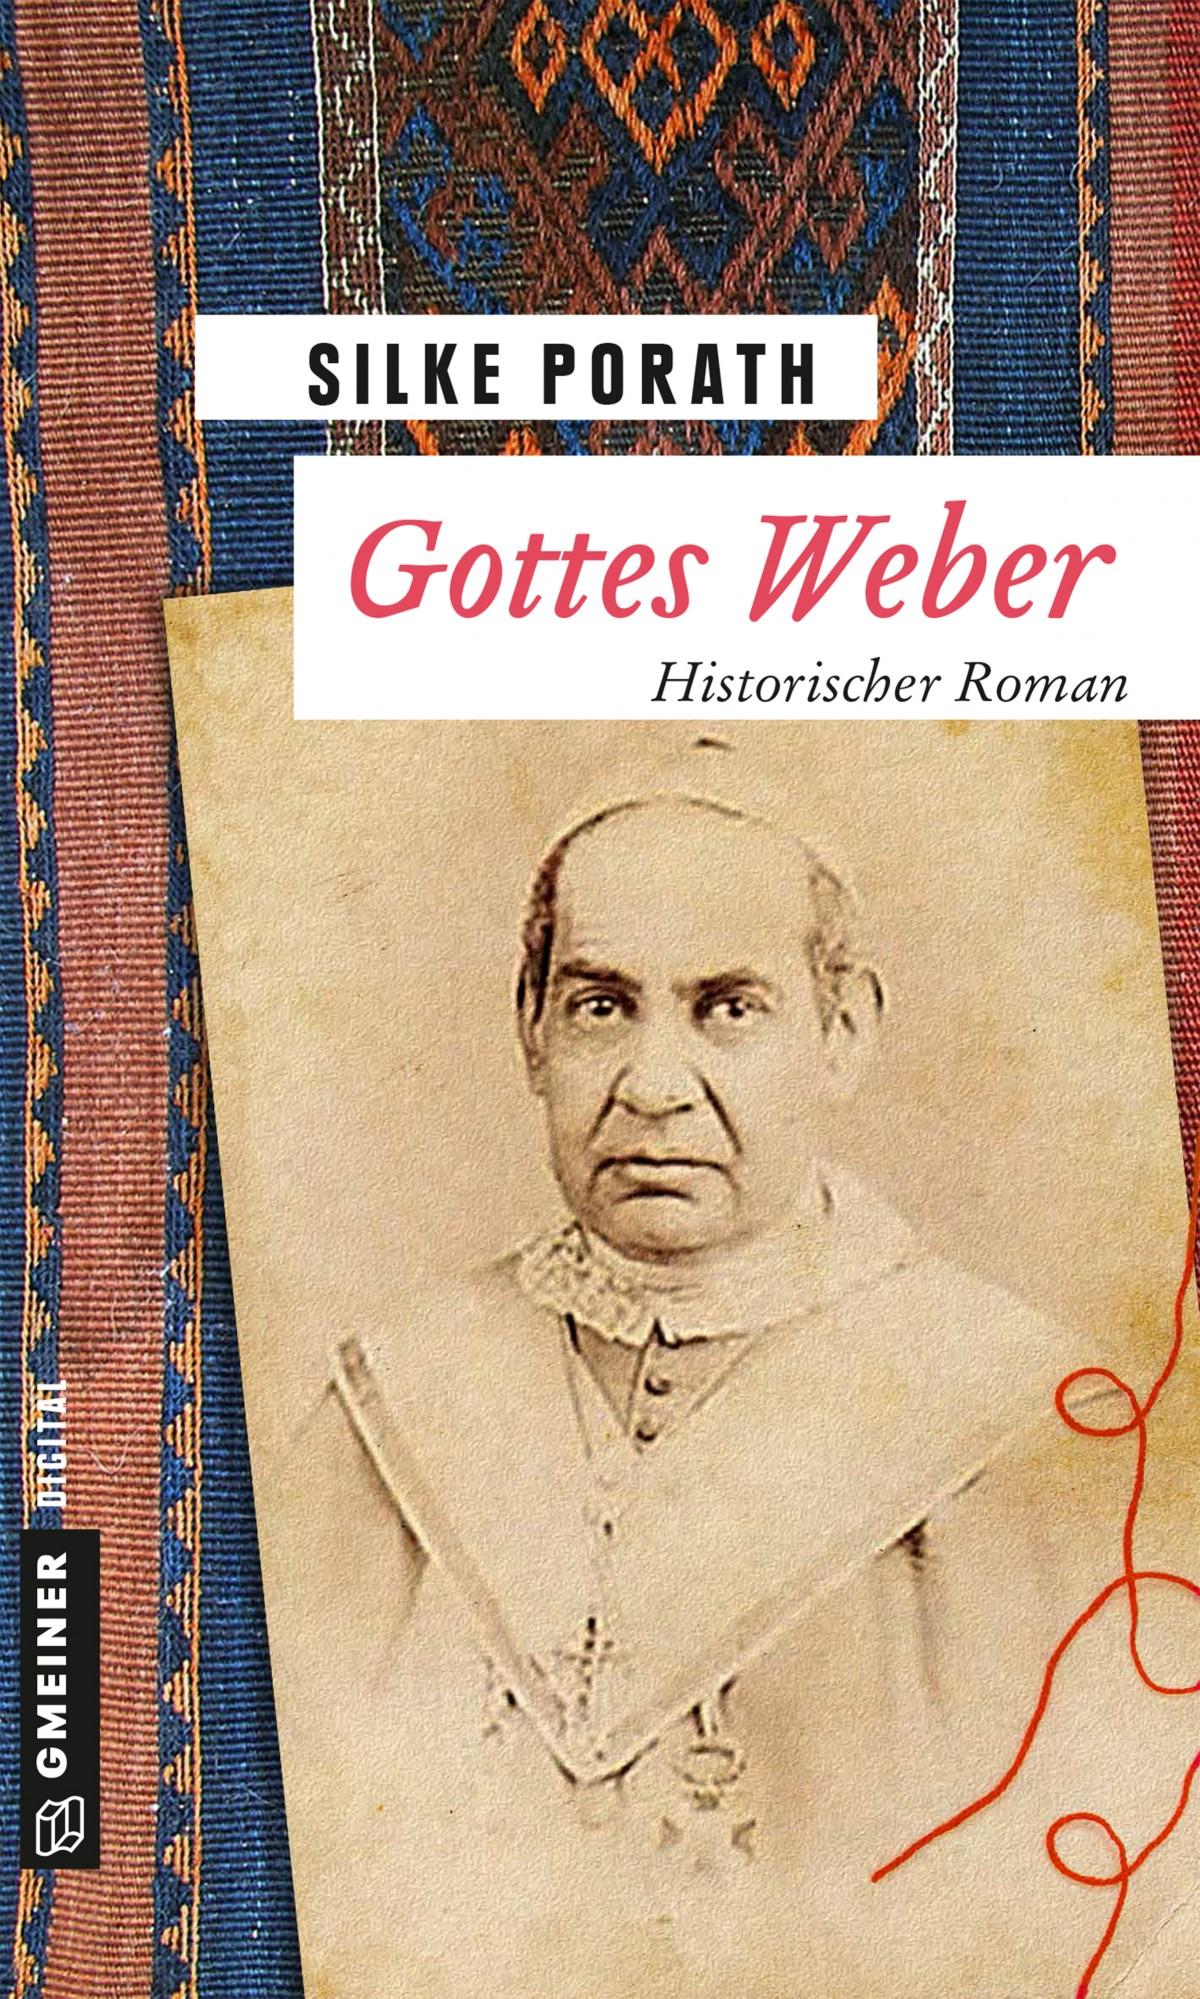 Gottes Weber